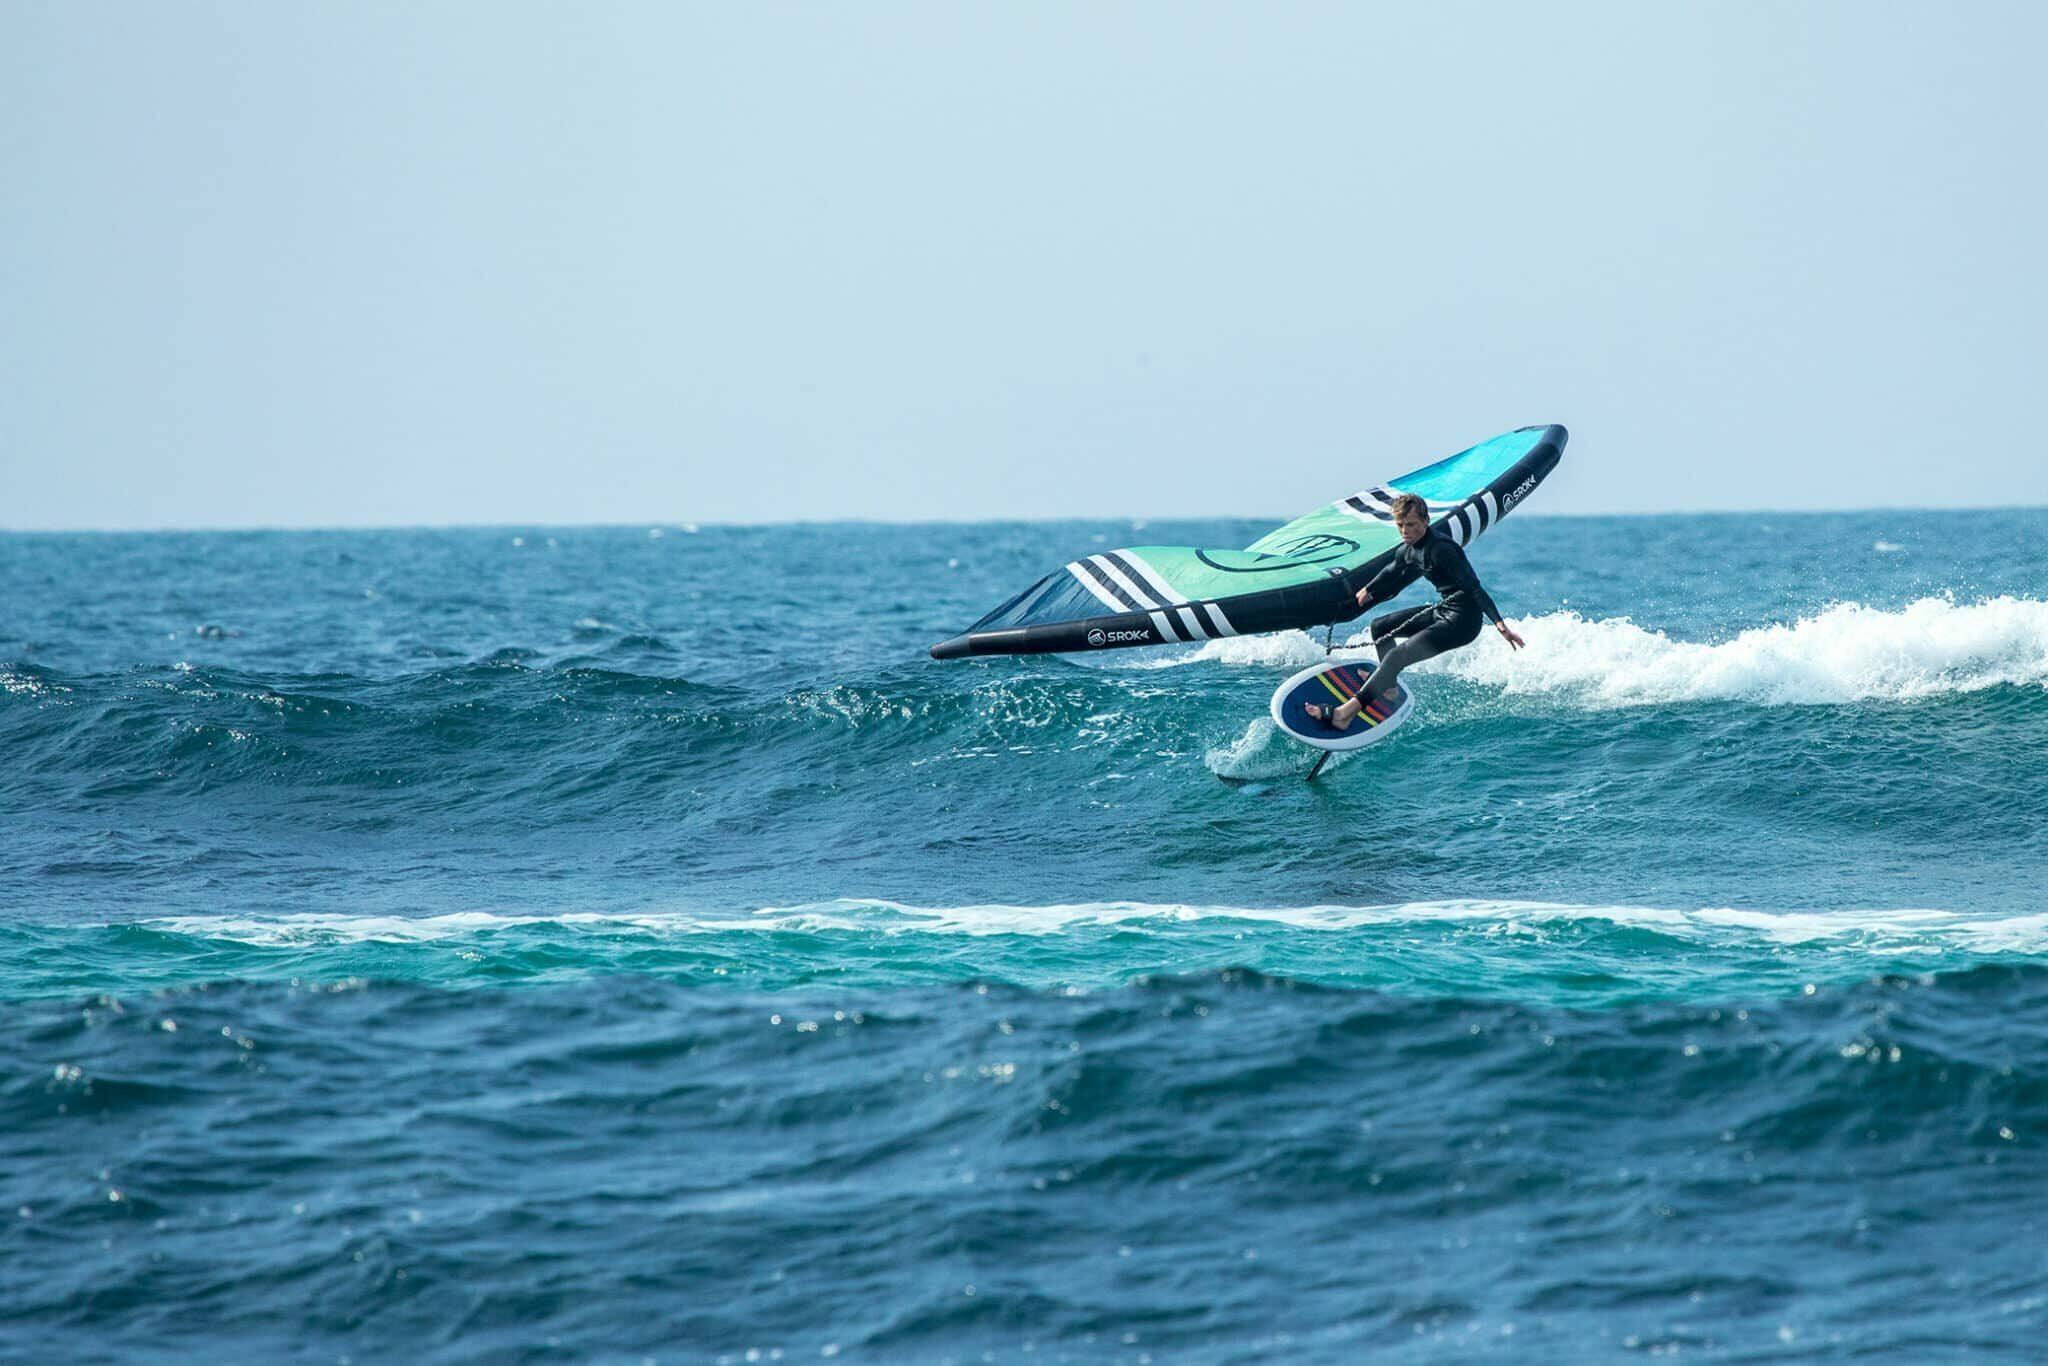 Surfen mit dem Sroka Company Wingfoil Paket mit Foilboard, Foil und Sroka Wing